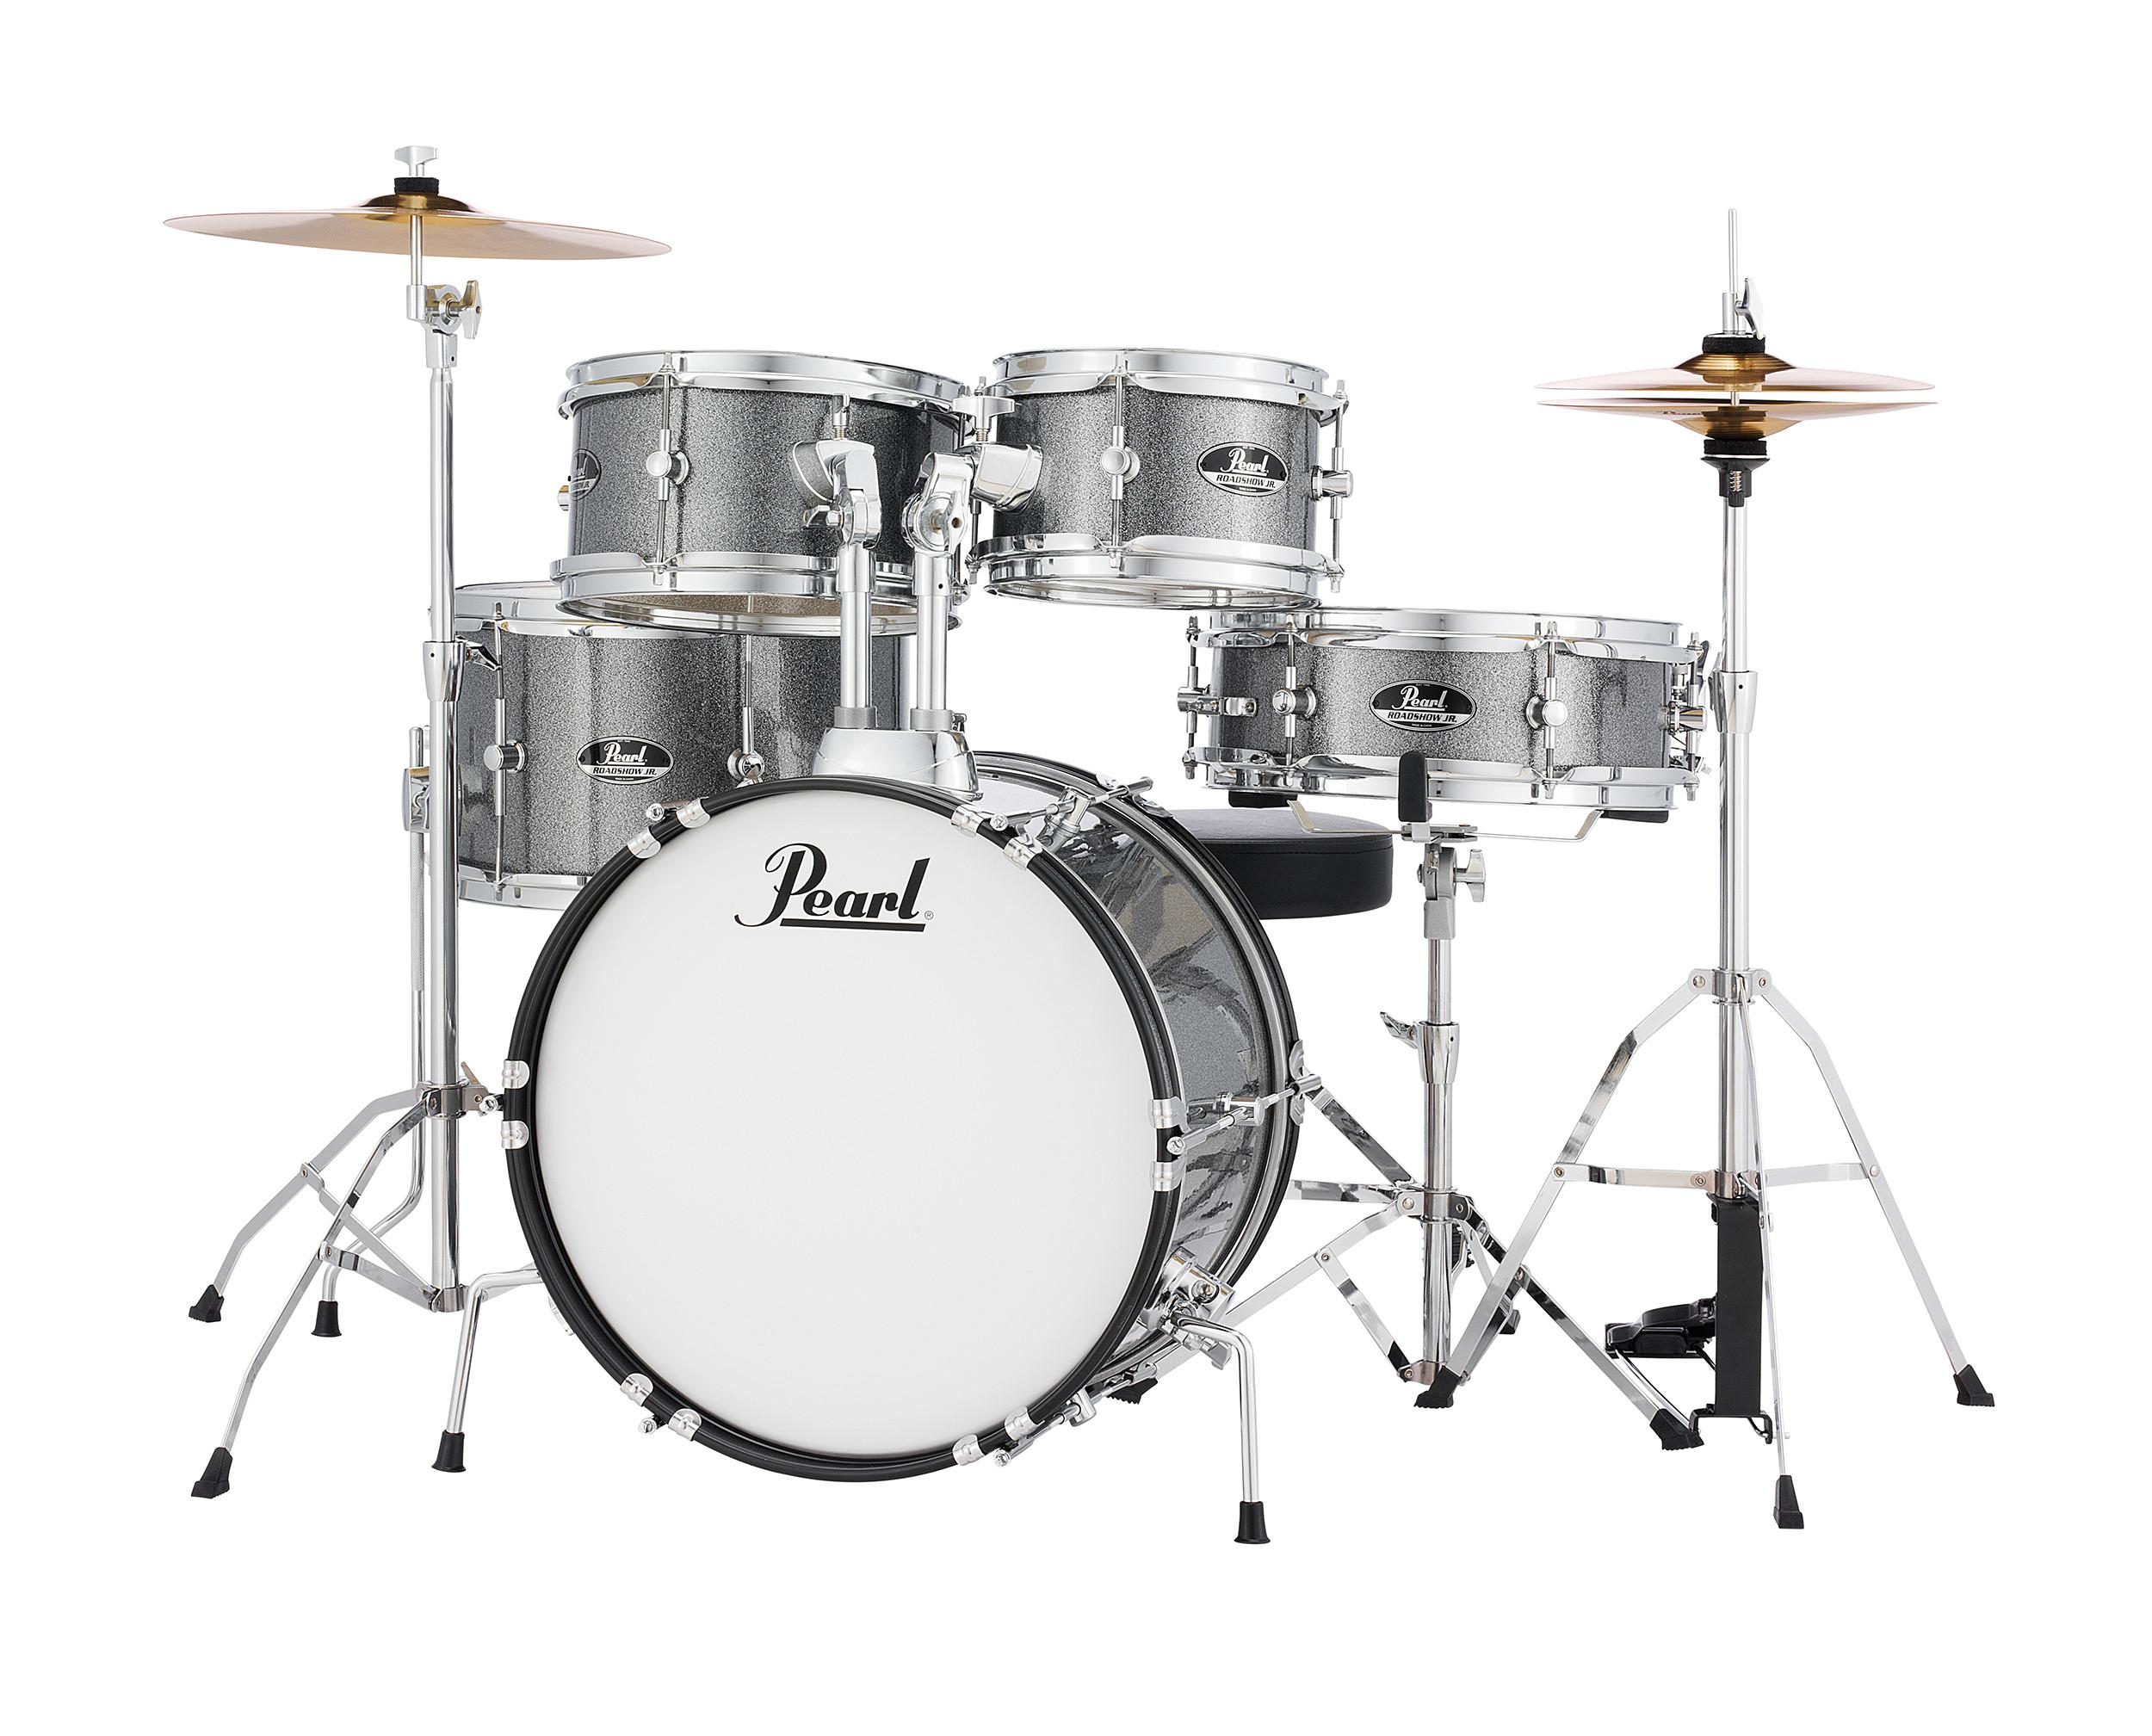 pearl rsj roadshow junior 5pc complete kit drum set for kids drums on sale. Black Bedroom Furniture Sets. Home Design Ideas